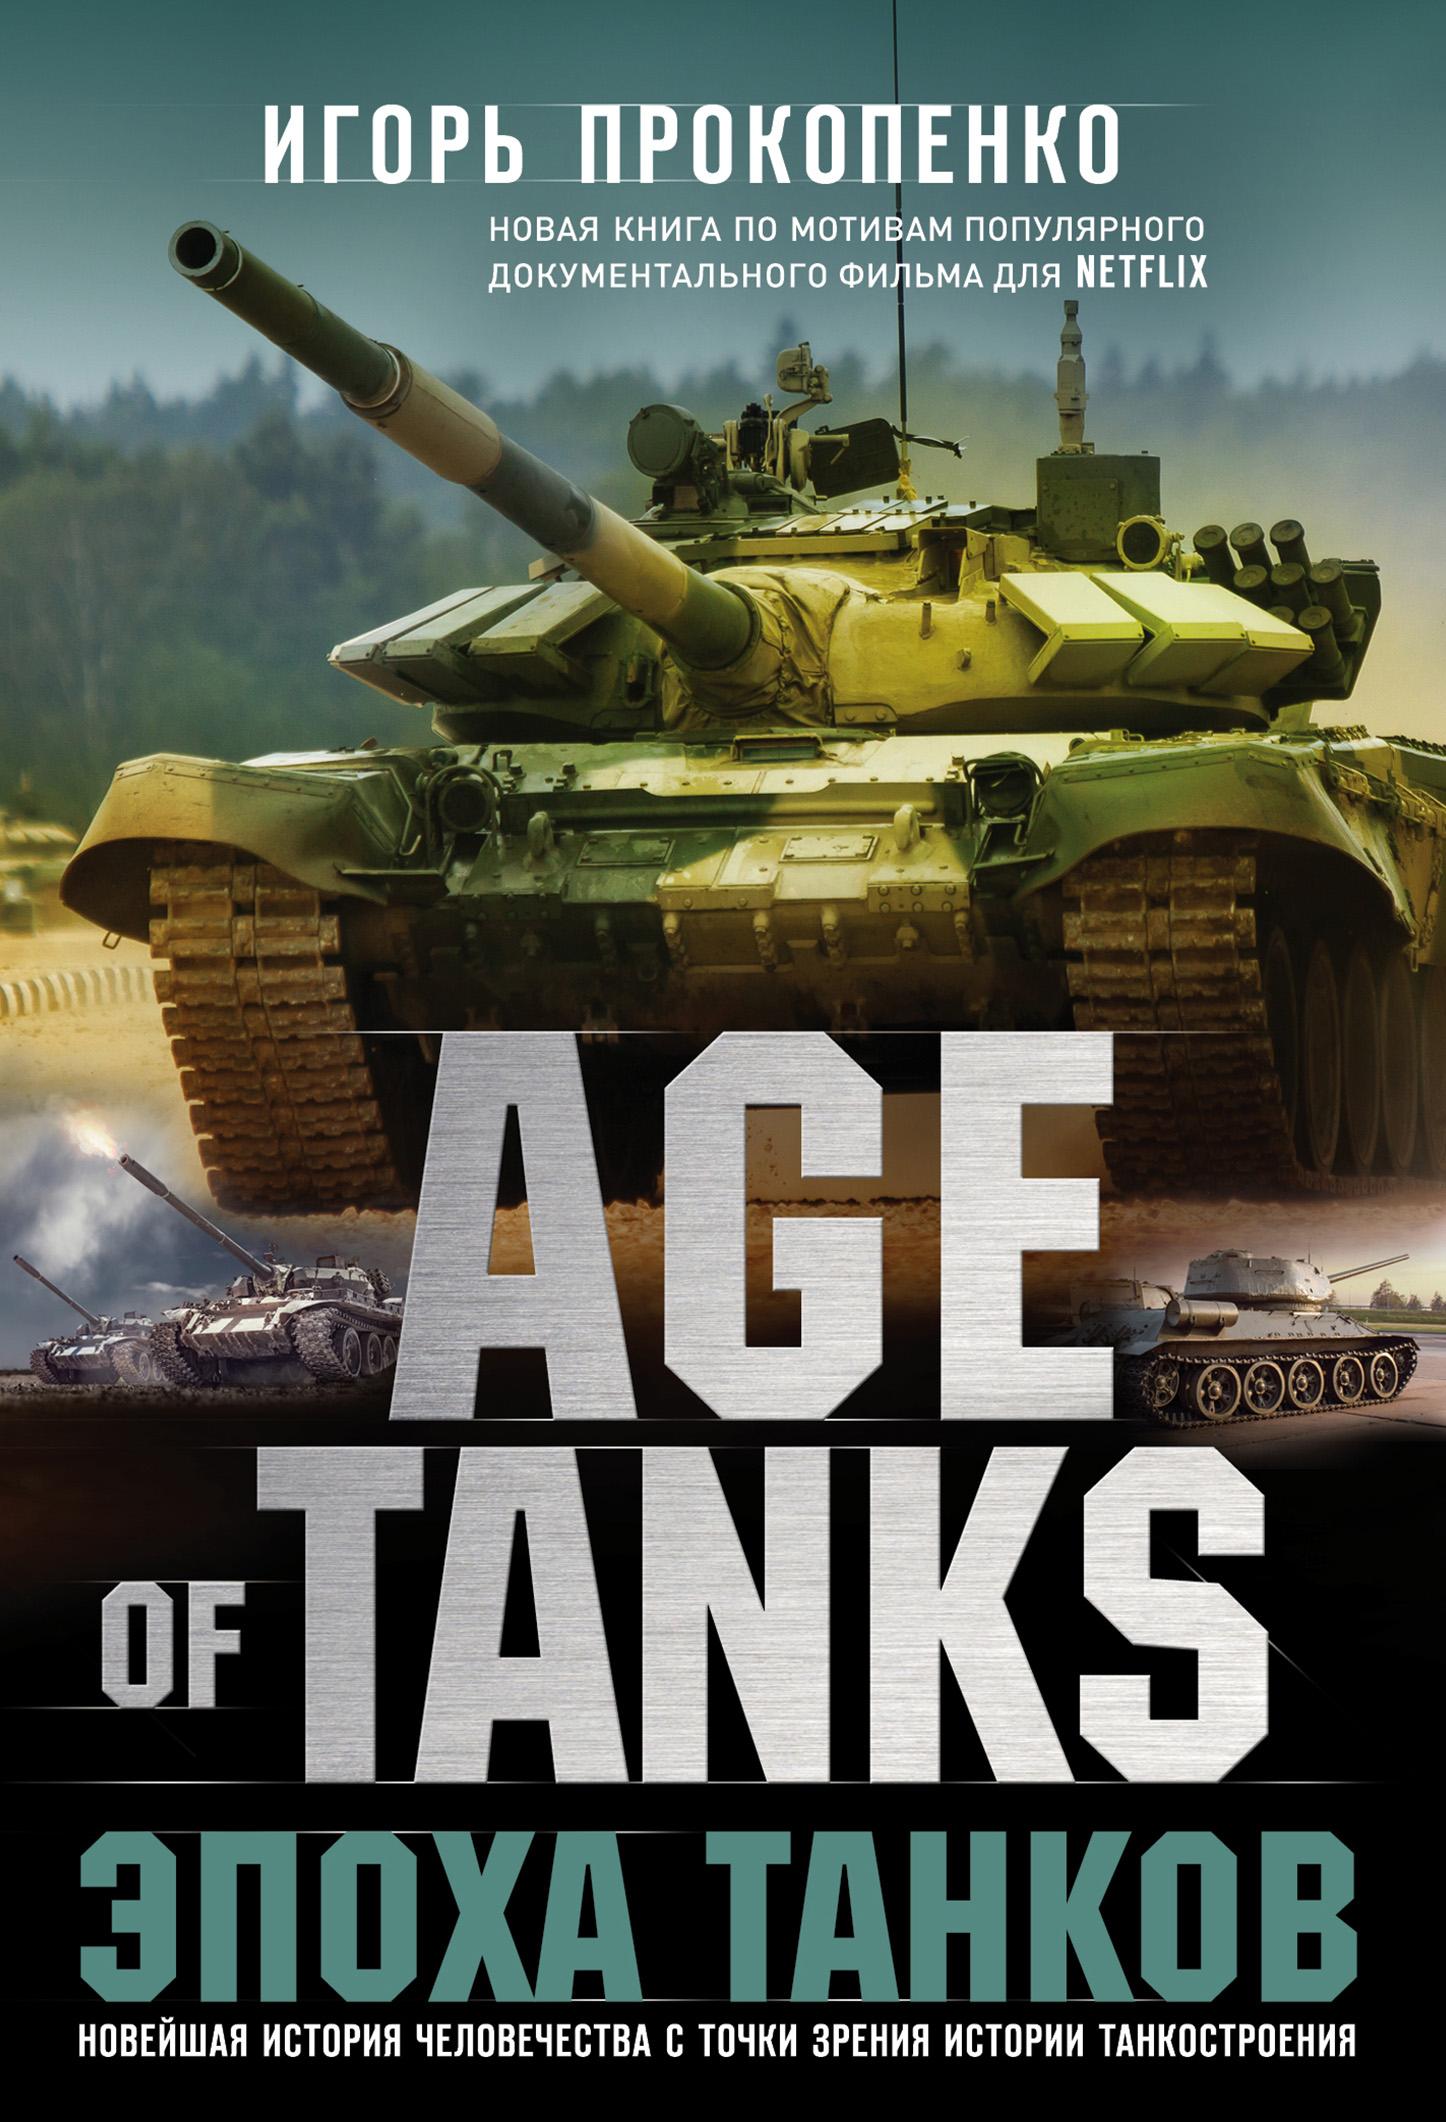 Игорь Прокопенко «Age of Tanks. Эпоха танков»